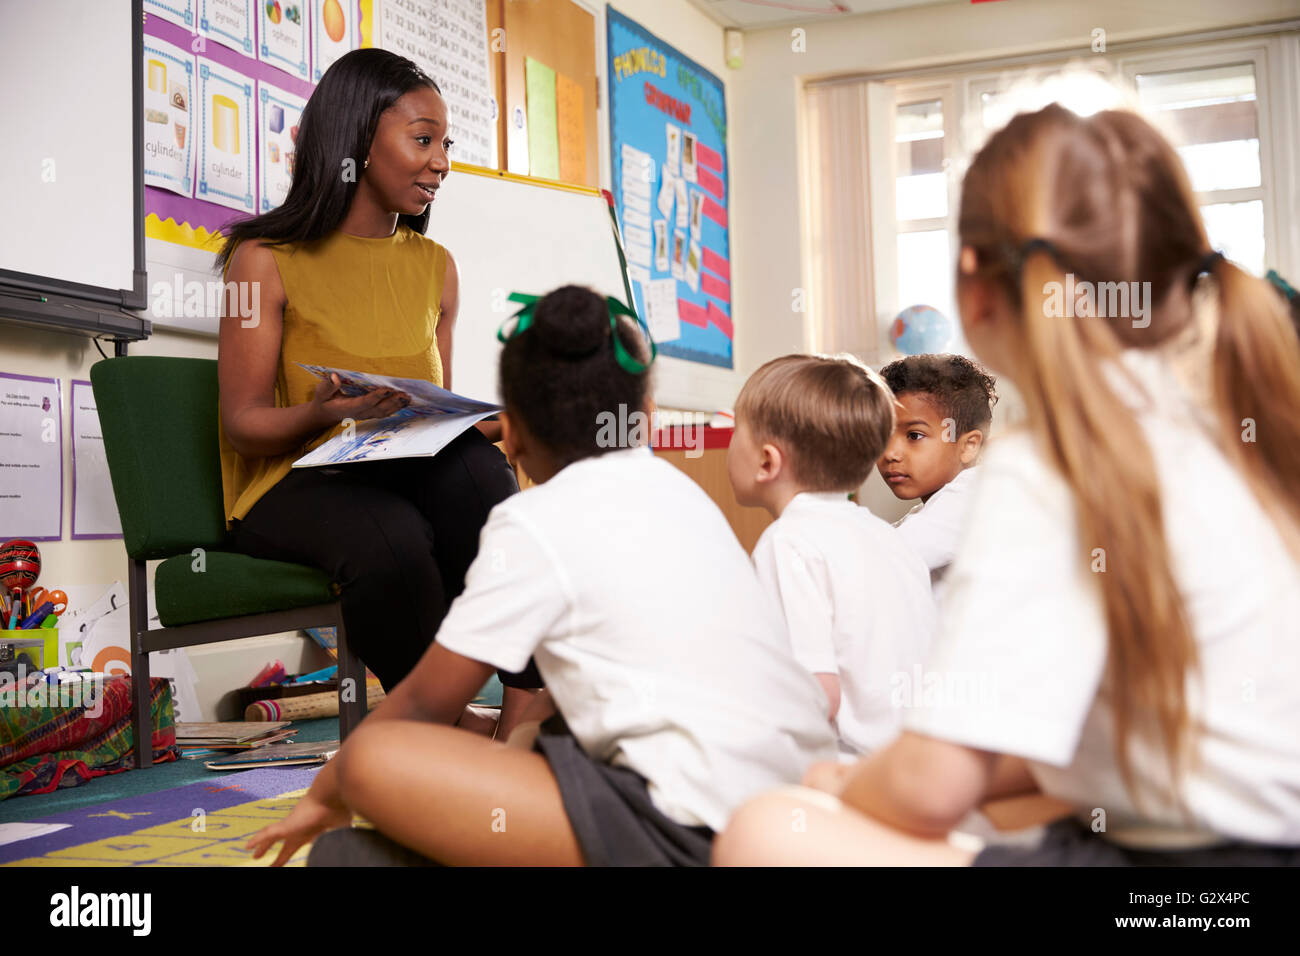 Lettura di insegnante di scuola elementare gli alunni in aula Immagini Stock